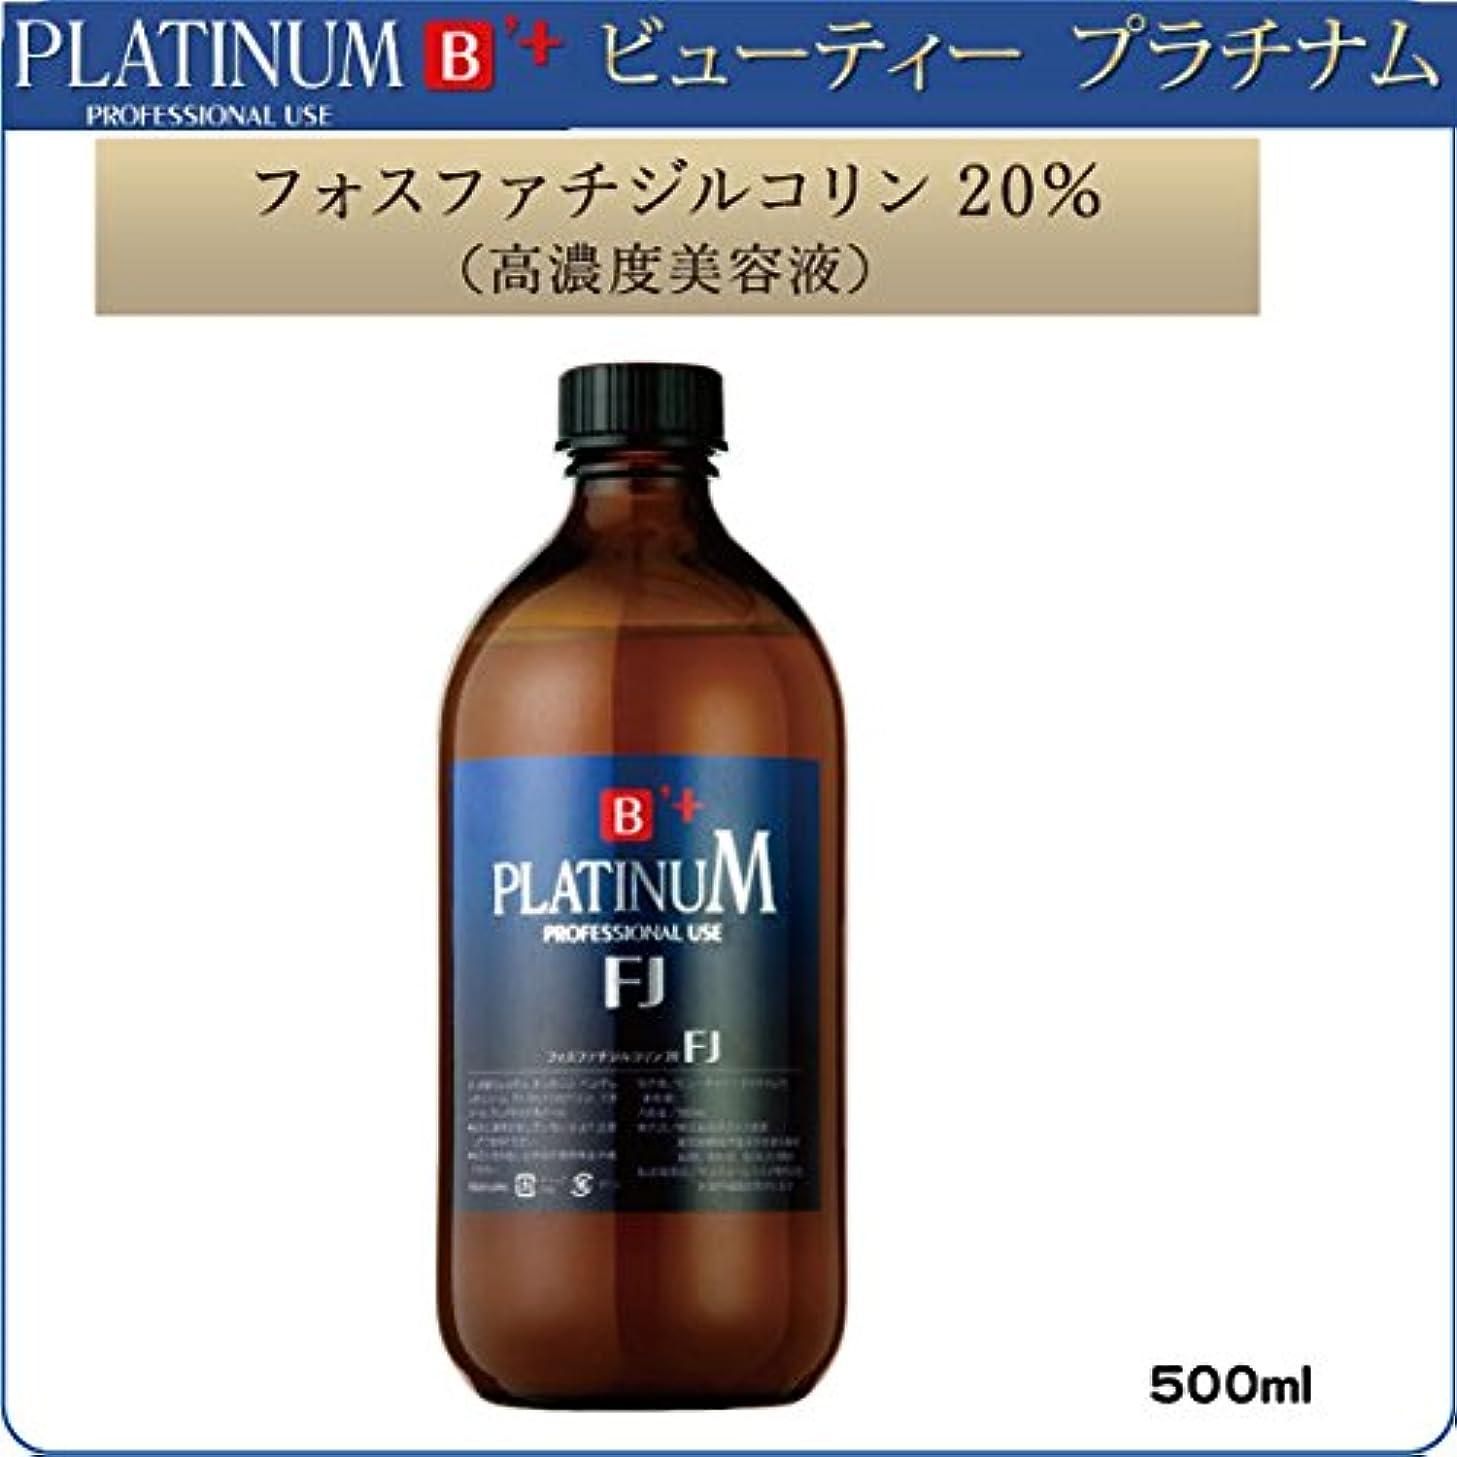 バストバルーンまさに【ビューティー プラチナム】 PLATINUM B'+  フォスファチジルコリン20%高濃度美容液  痩身専用:500ml